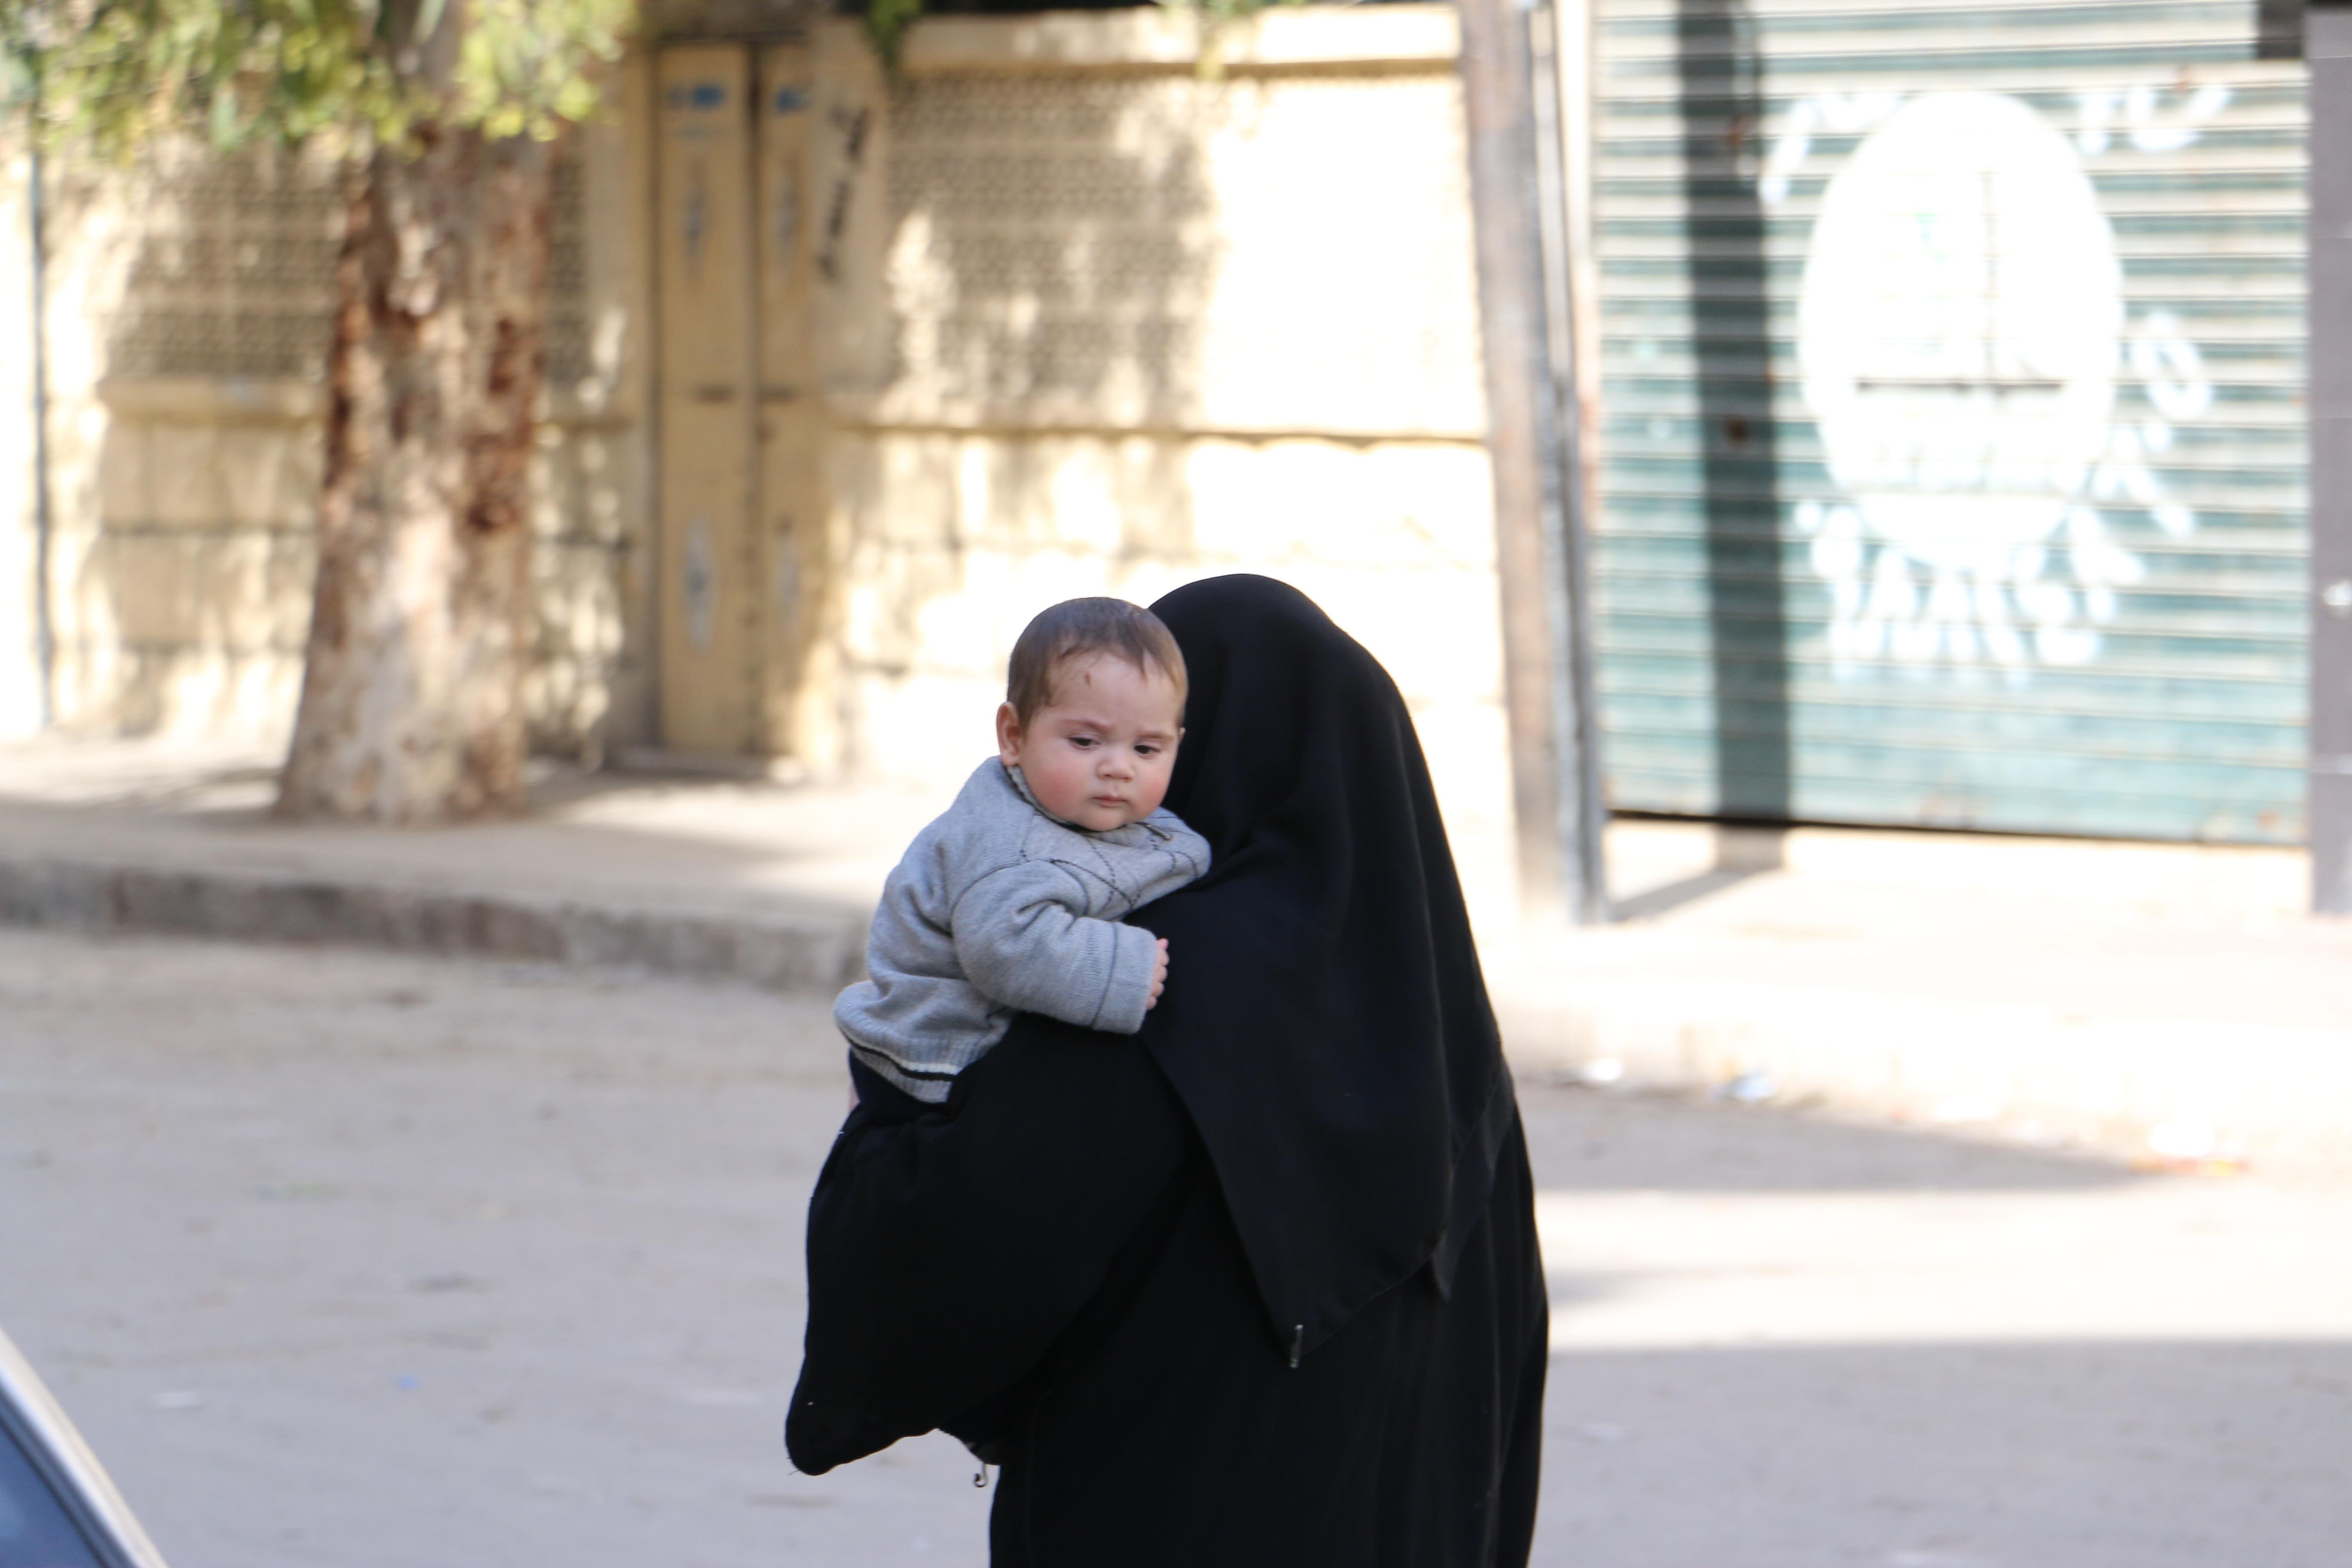 أمرأة-تحمل-رضيعها-وتمشي-في-حي-الزبدية-